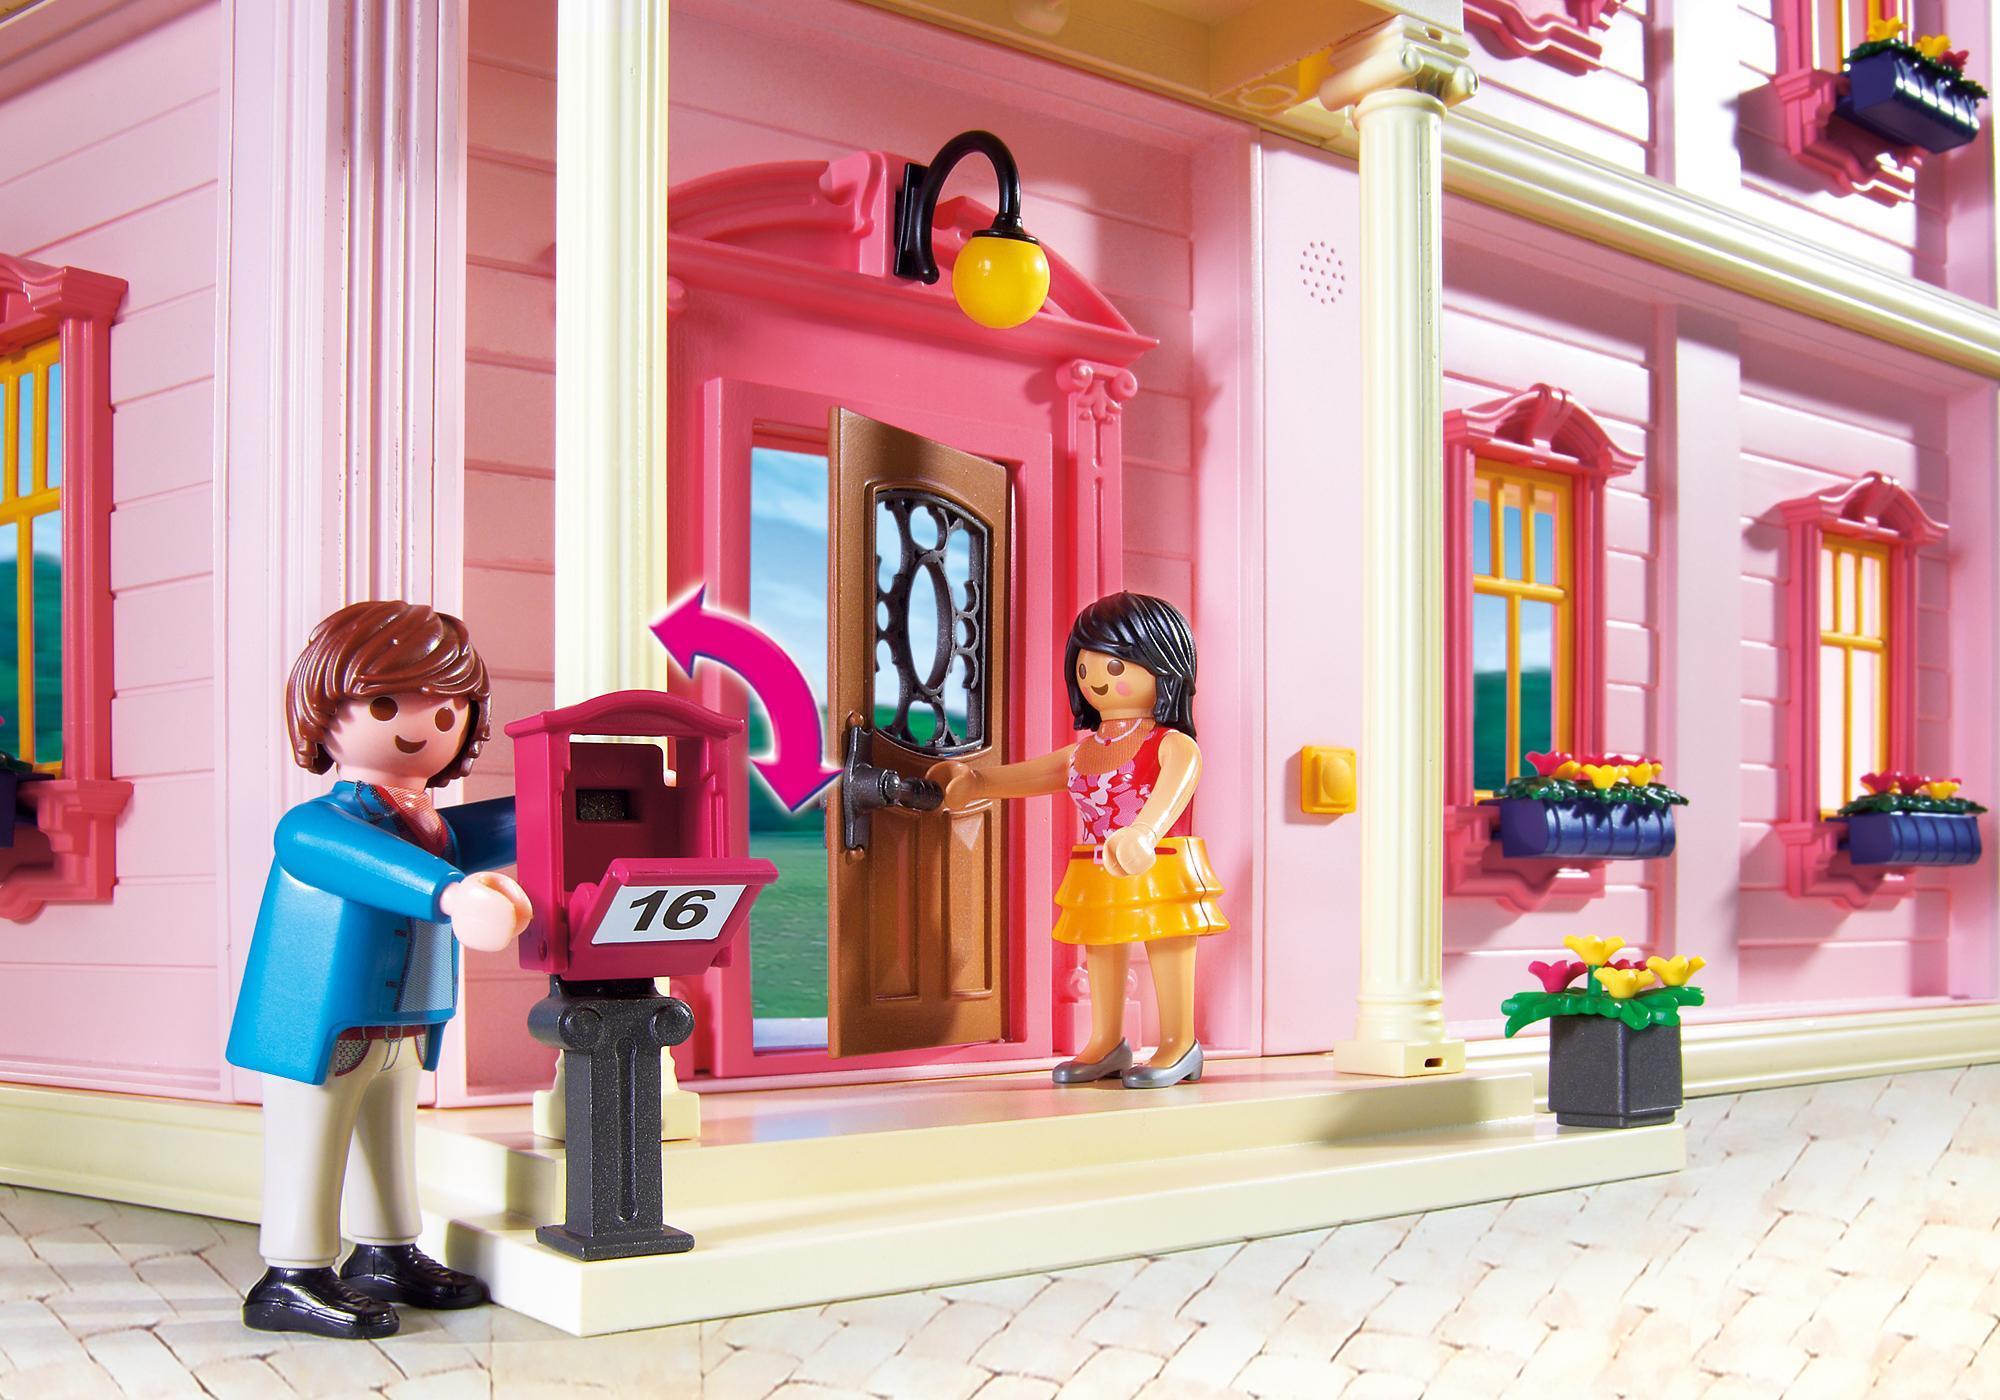 http://media.playmobil.com/i/playmobil/5303_product_extra1/Casa de Bonecas Romântica